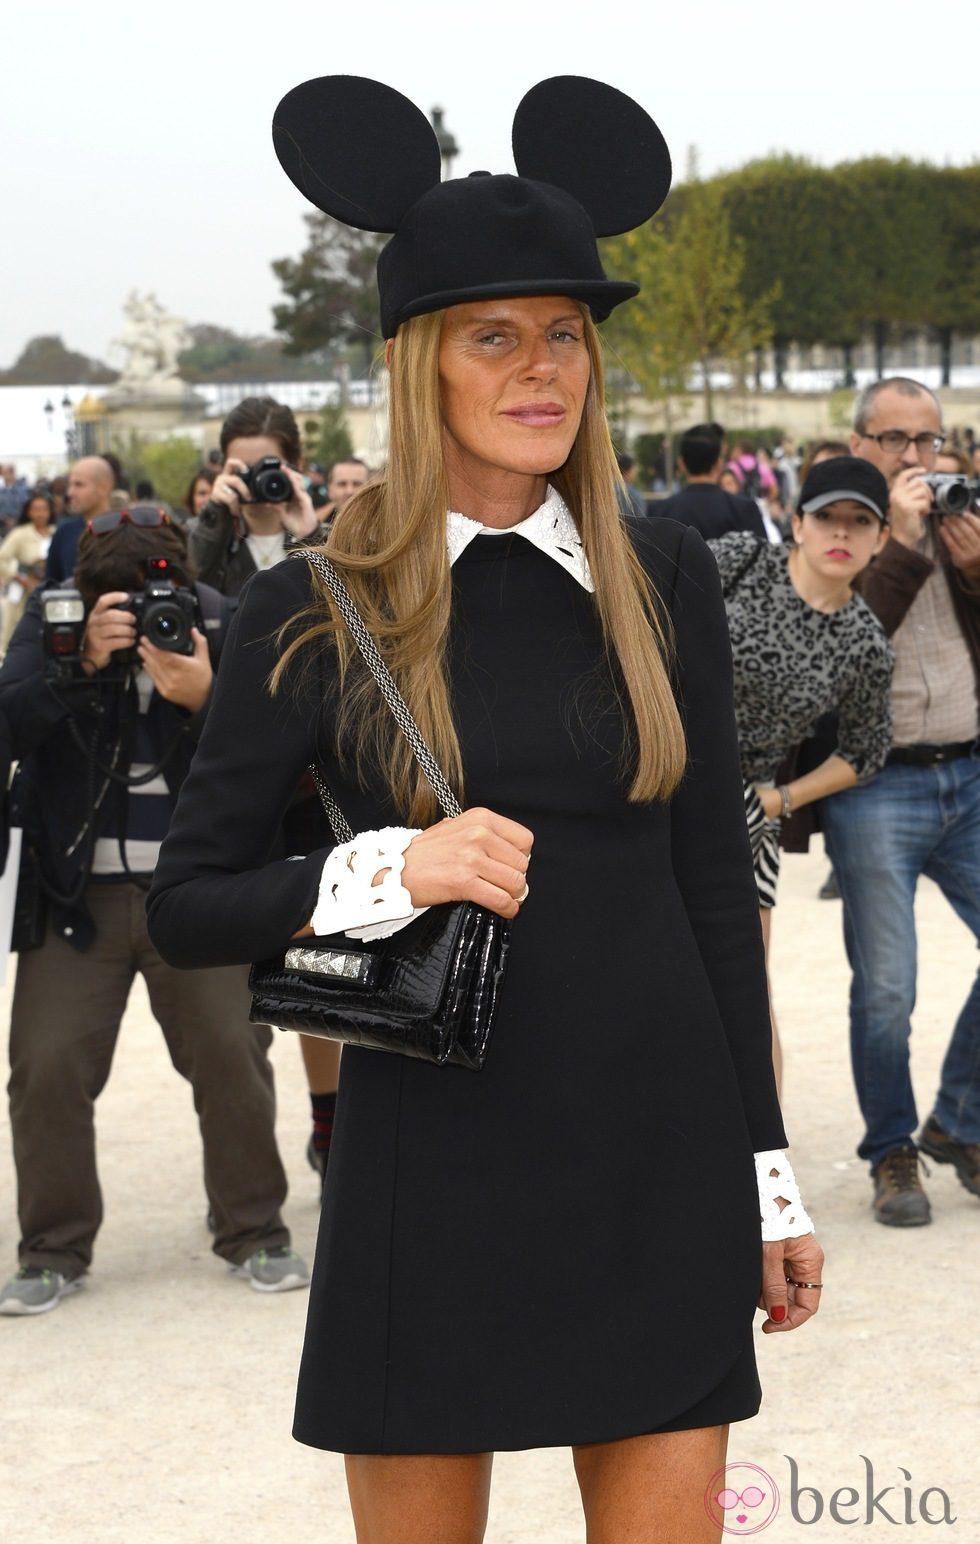 Anna Dello Russo en el desfile de Viktor & Rolf en la Semana de la Moda de París primavera/verano 2014